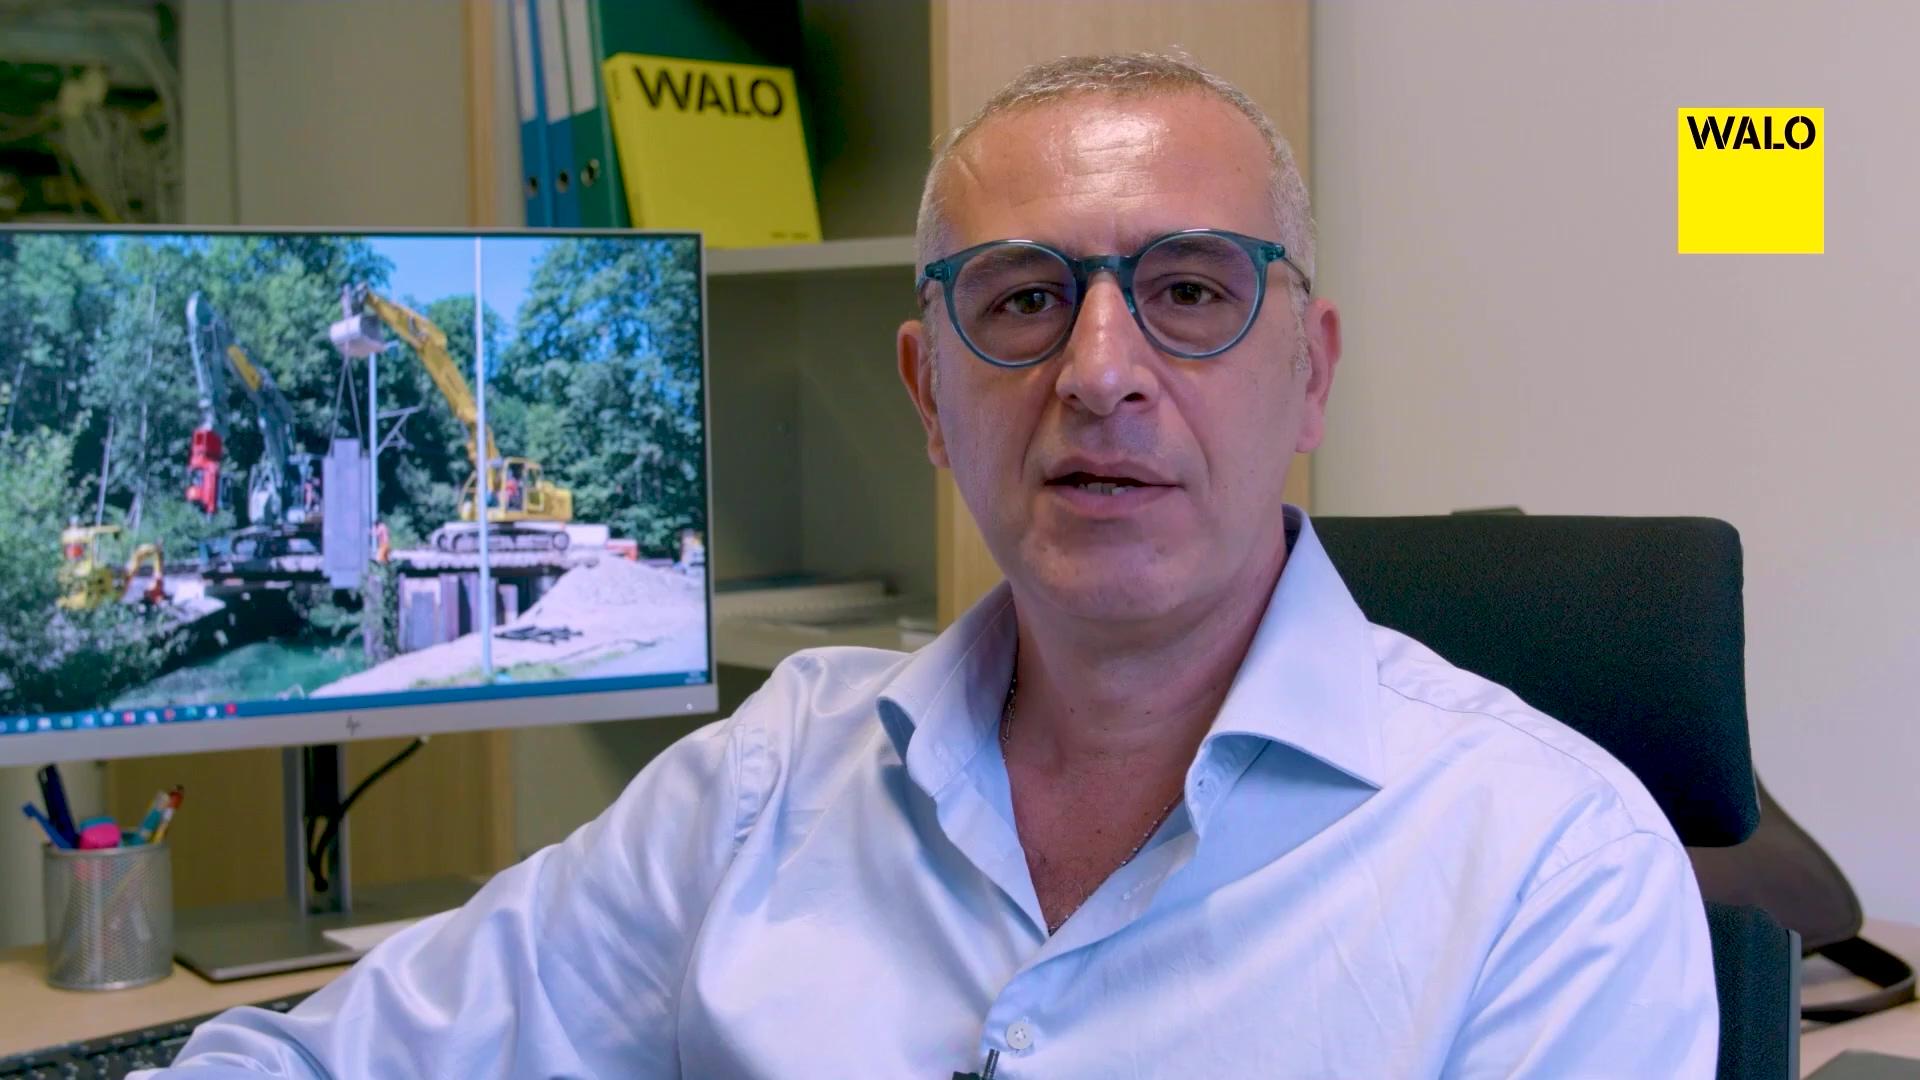 WALO_Employer Branding_Massimo Pirozzi